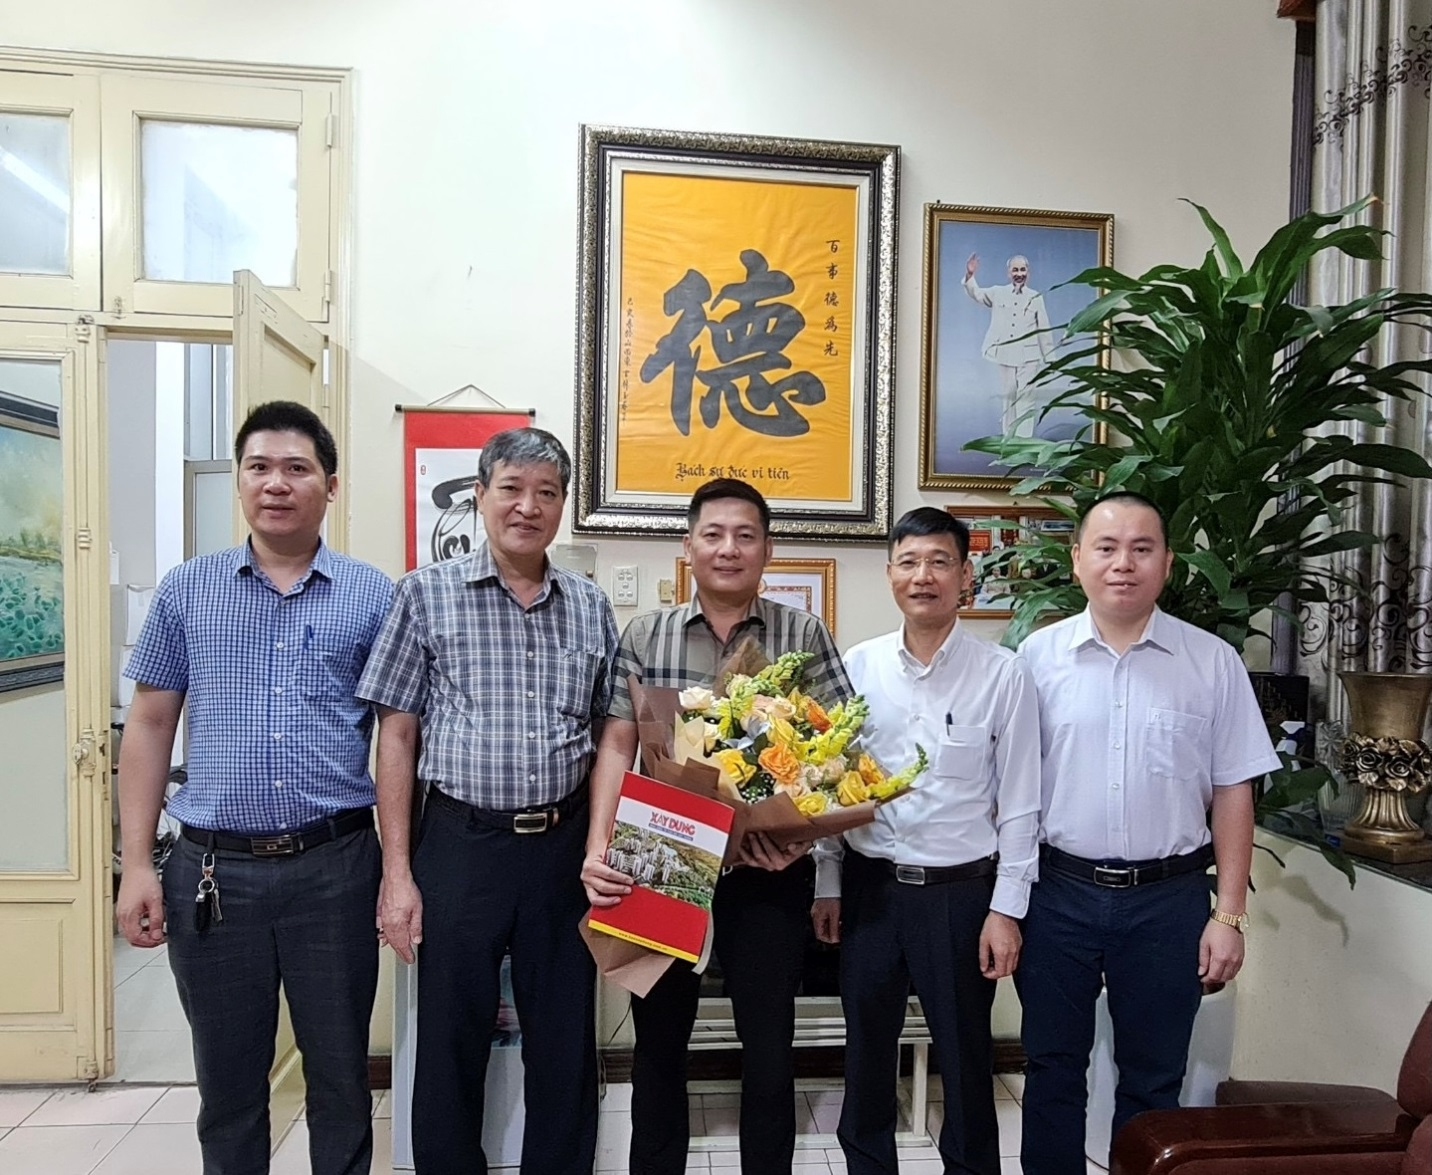 Báo Xây dựng bổ nhiệm Trưởng Văn phòng đại diện tại Khánh Hòa